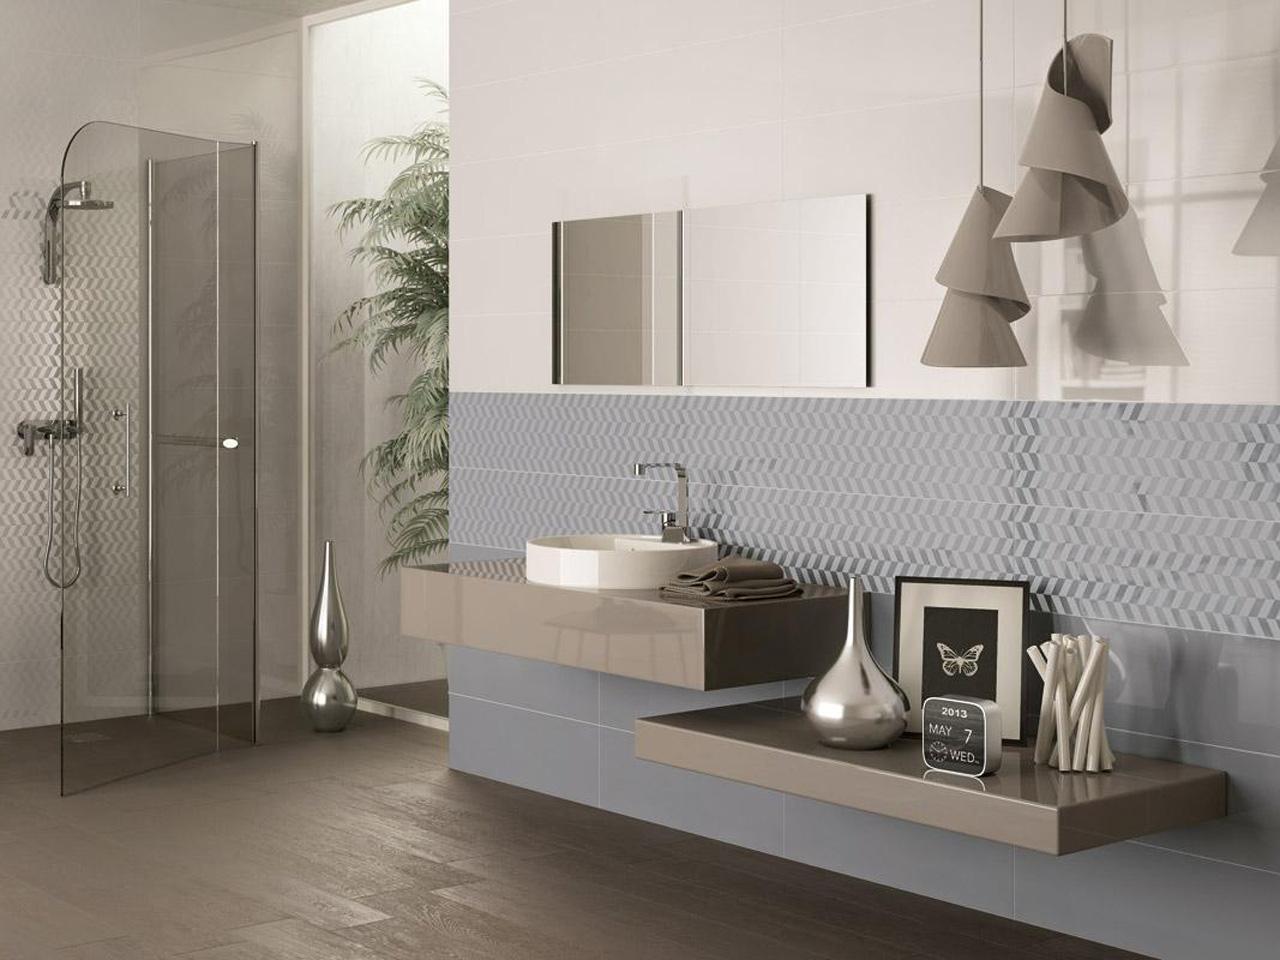 Bagnoidea prodotti e tendenze per arredare il bagno for Ceramiche da bagno